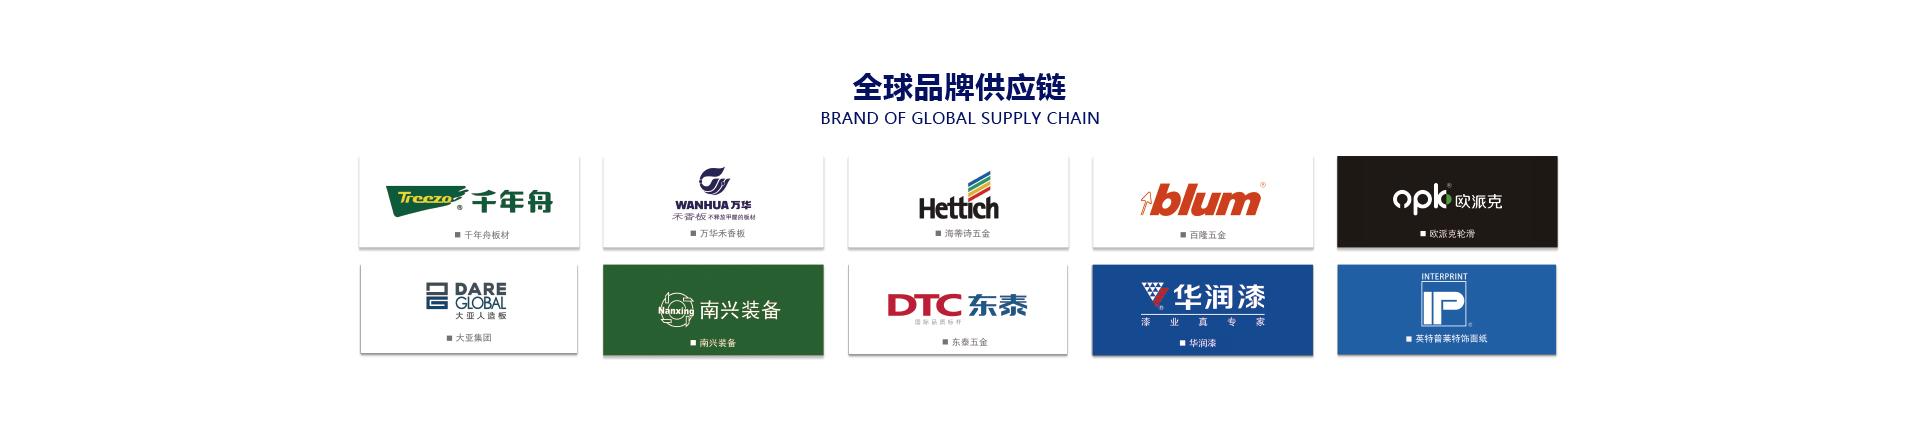 欧蒂尼家居品牌招商加盟,欧蒂尼品牌供应链